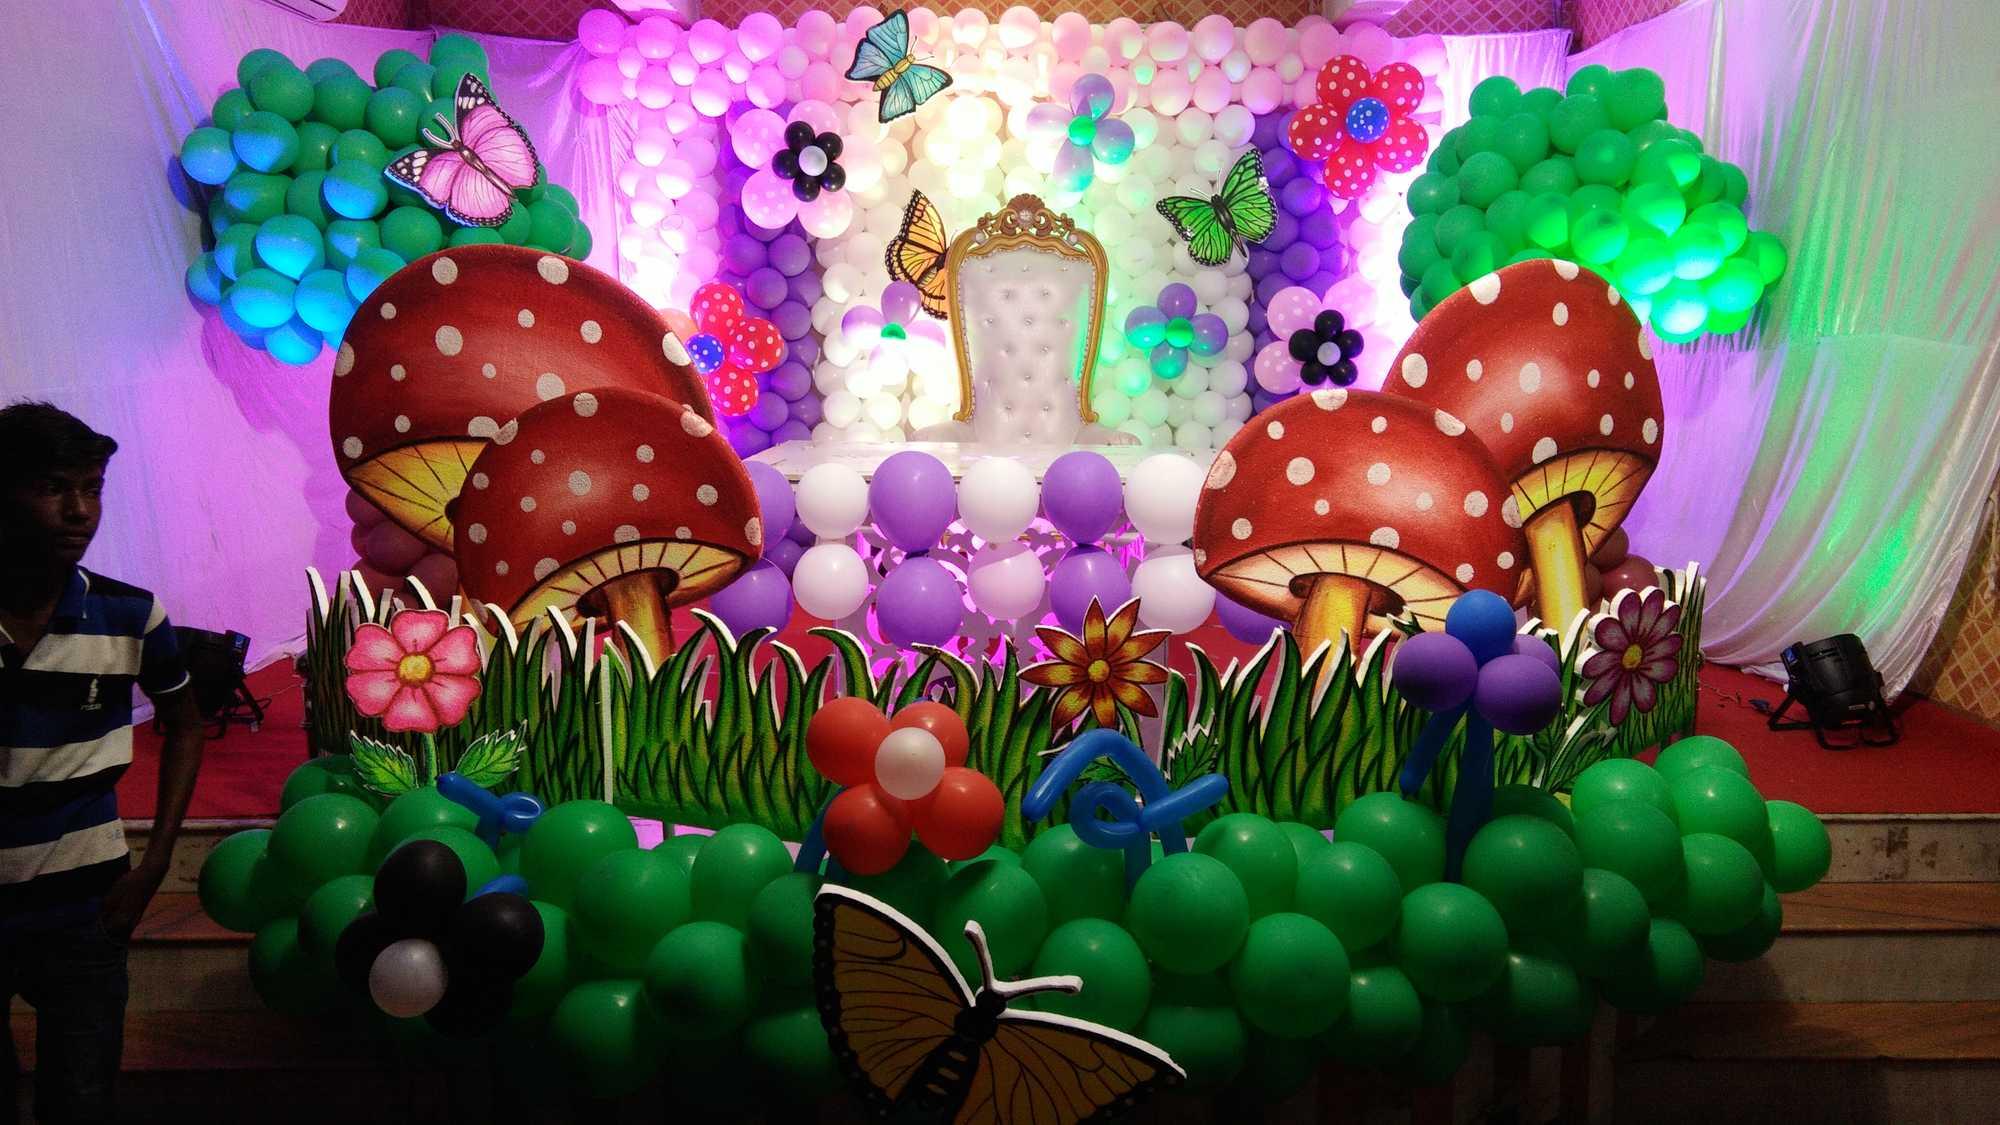 Top Balloon Decorators In Raipur Chhattisgarh